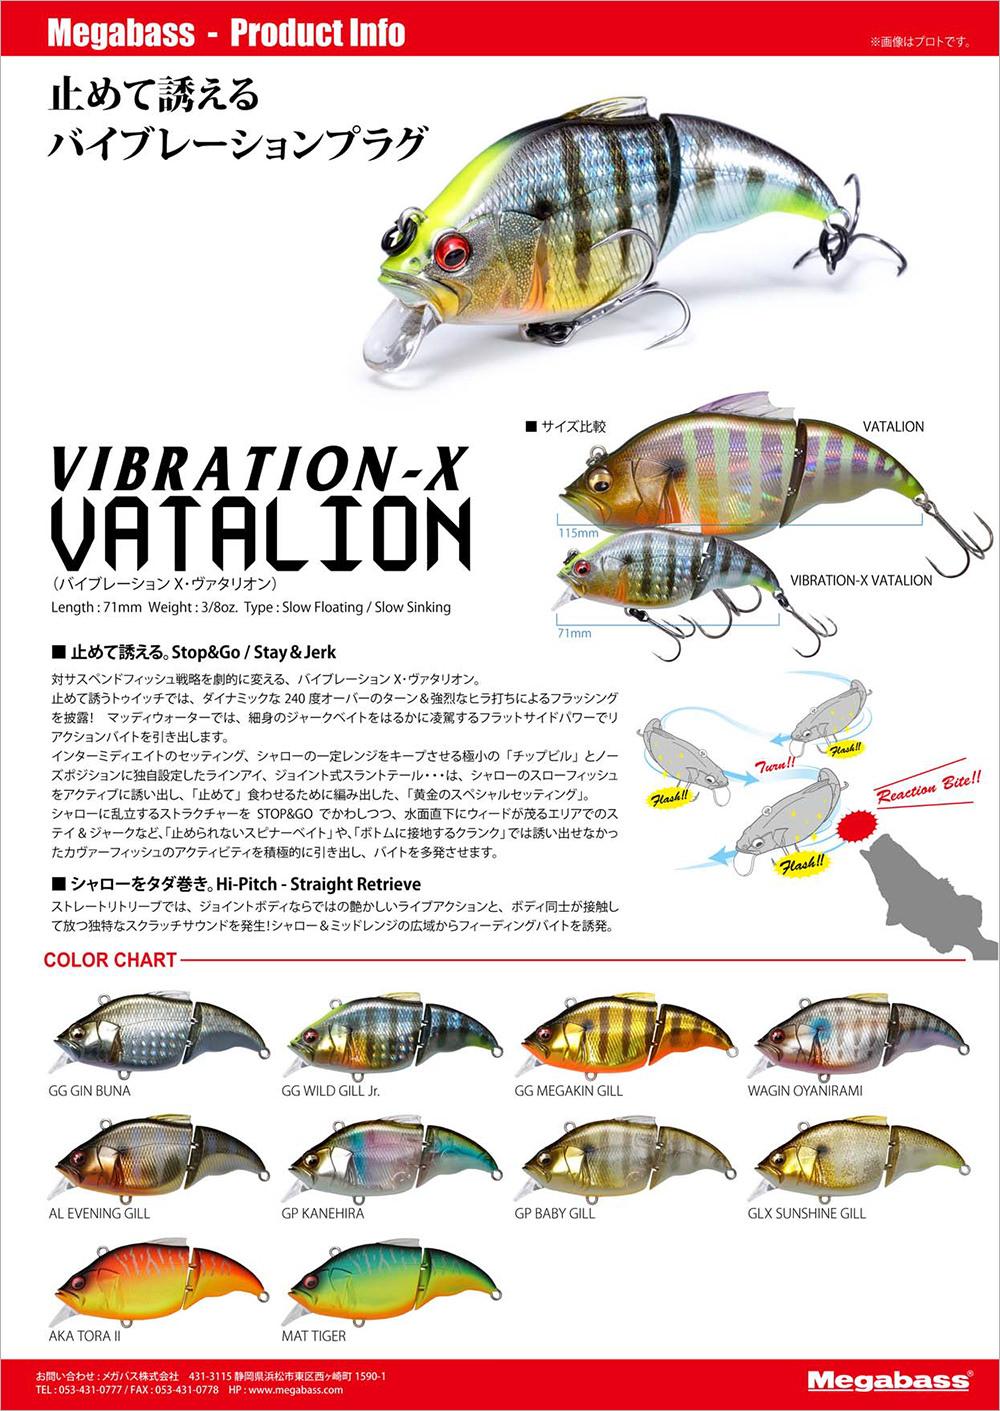 VIBRATION-X_VATALION